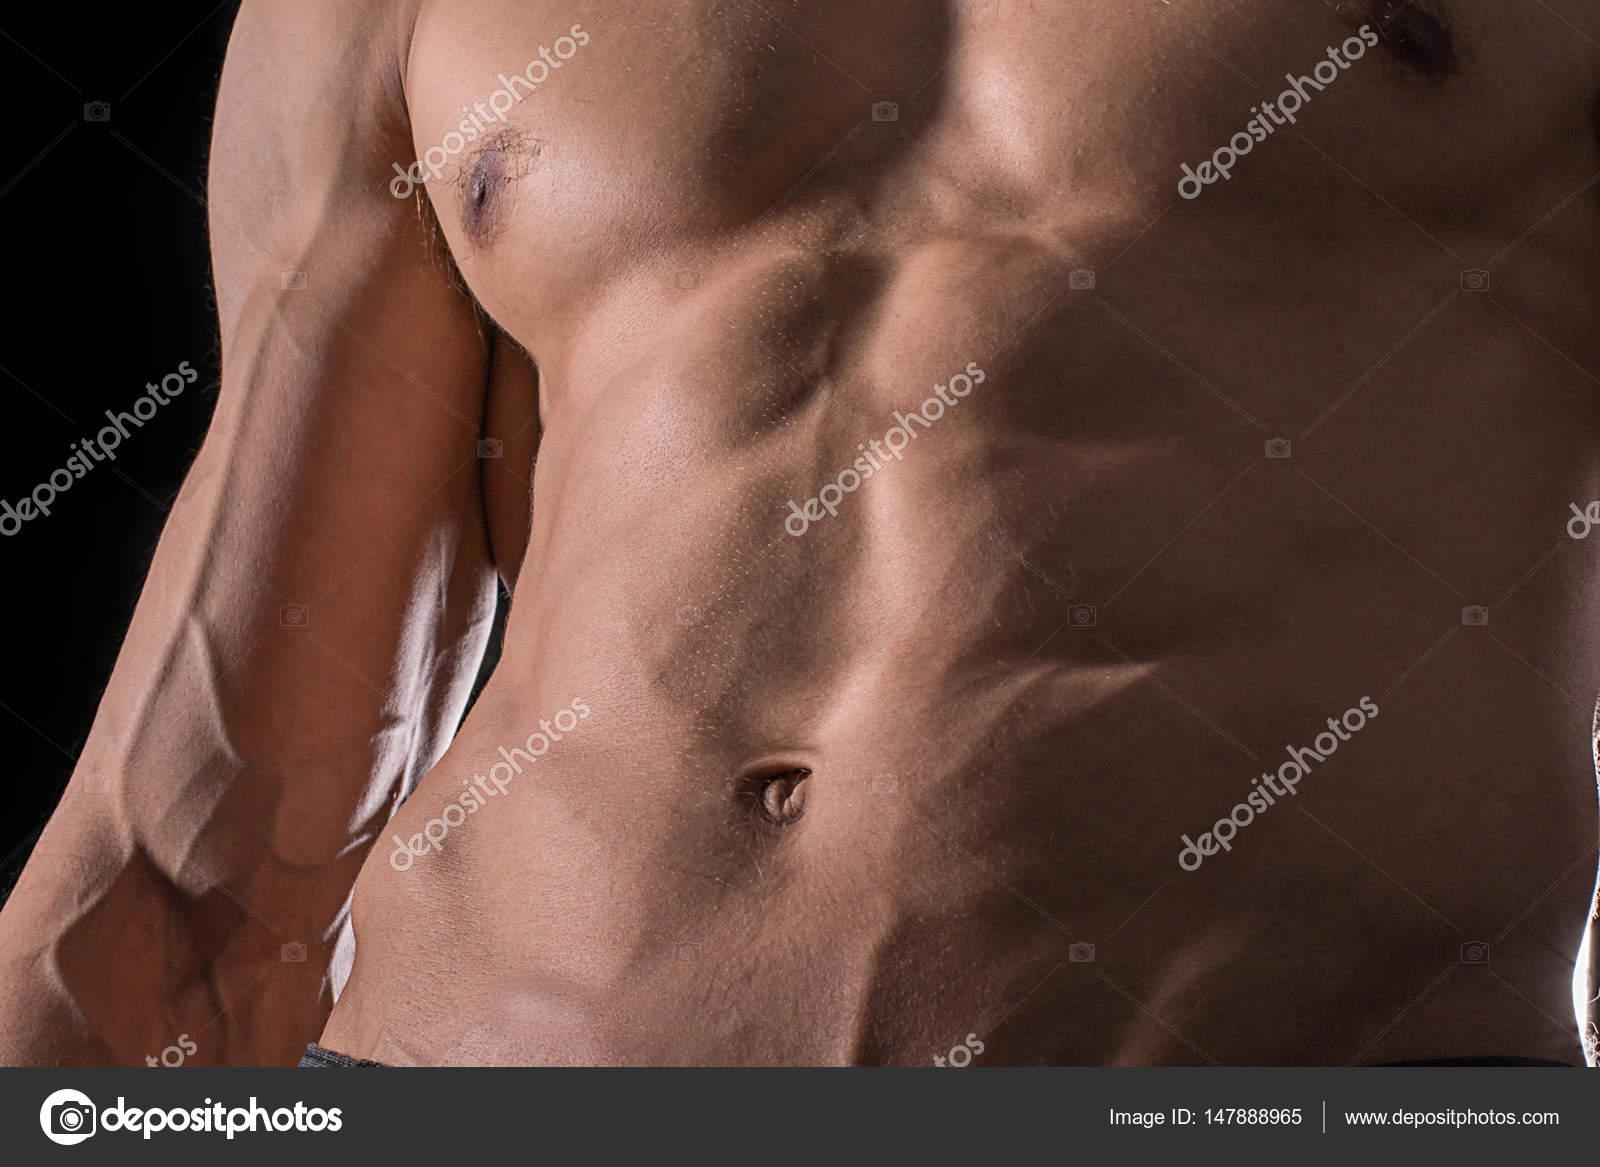 Сексуальная мышца